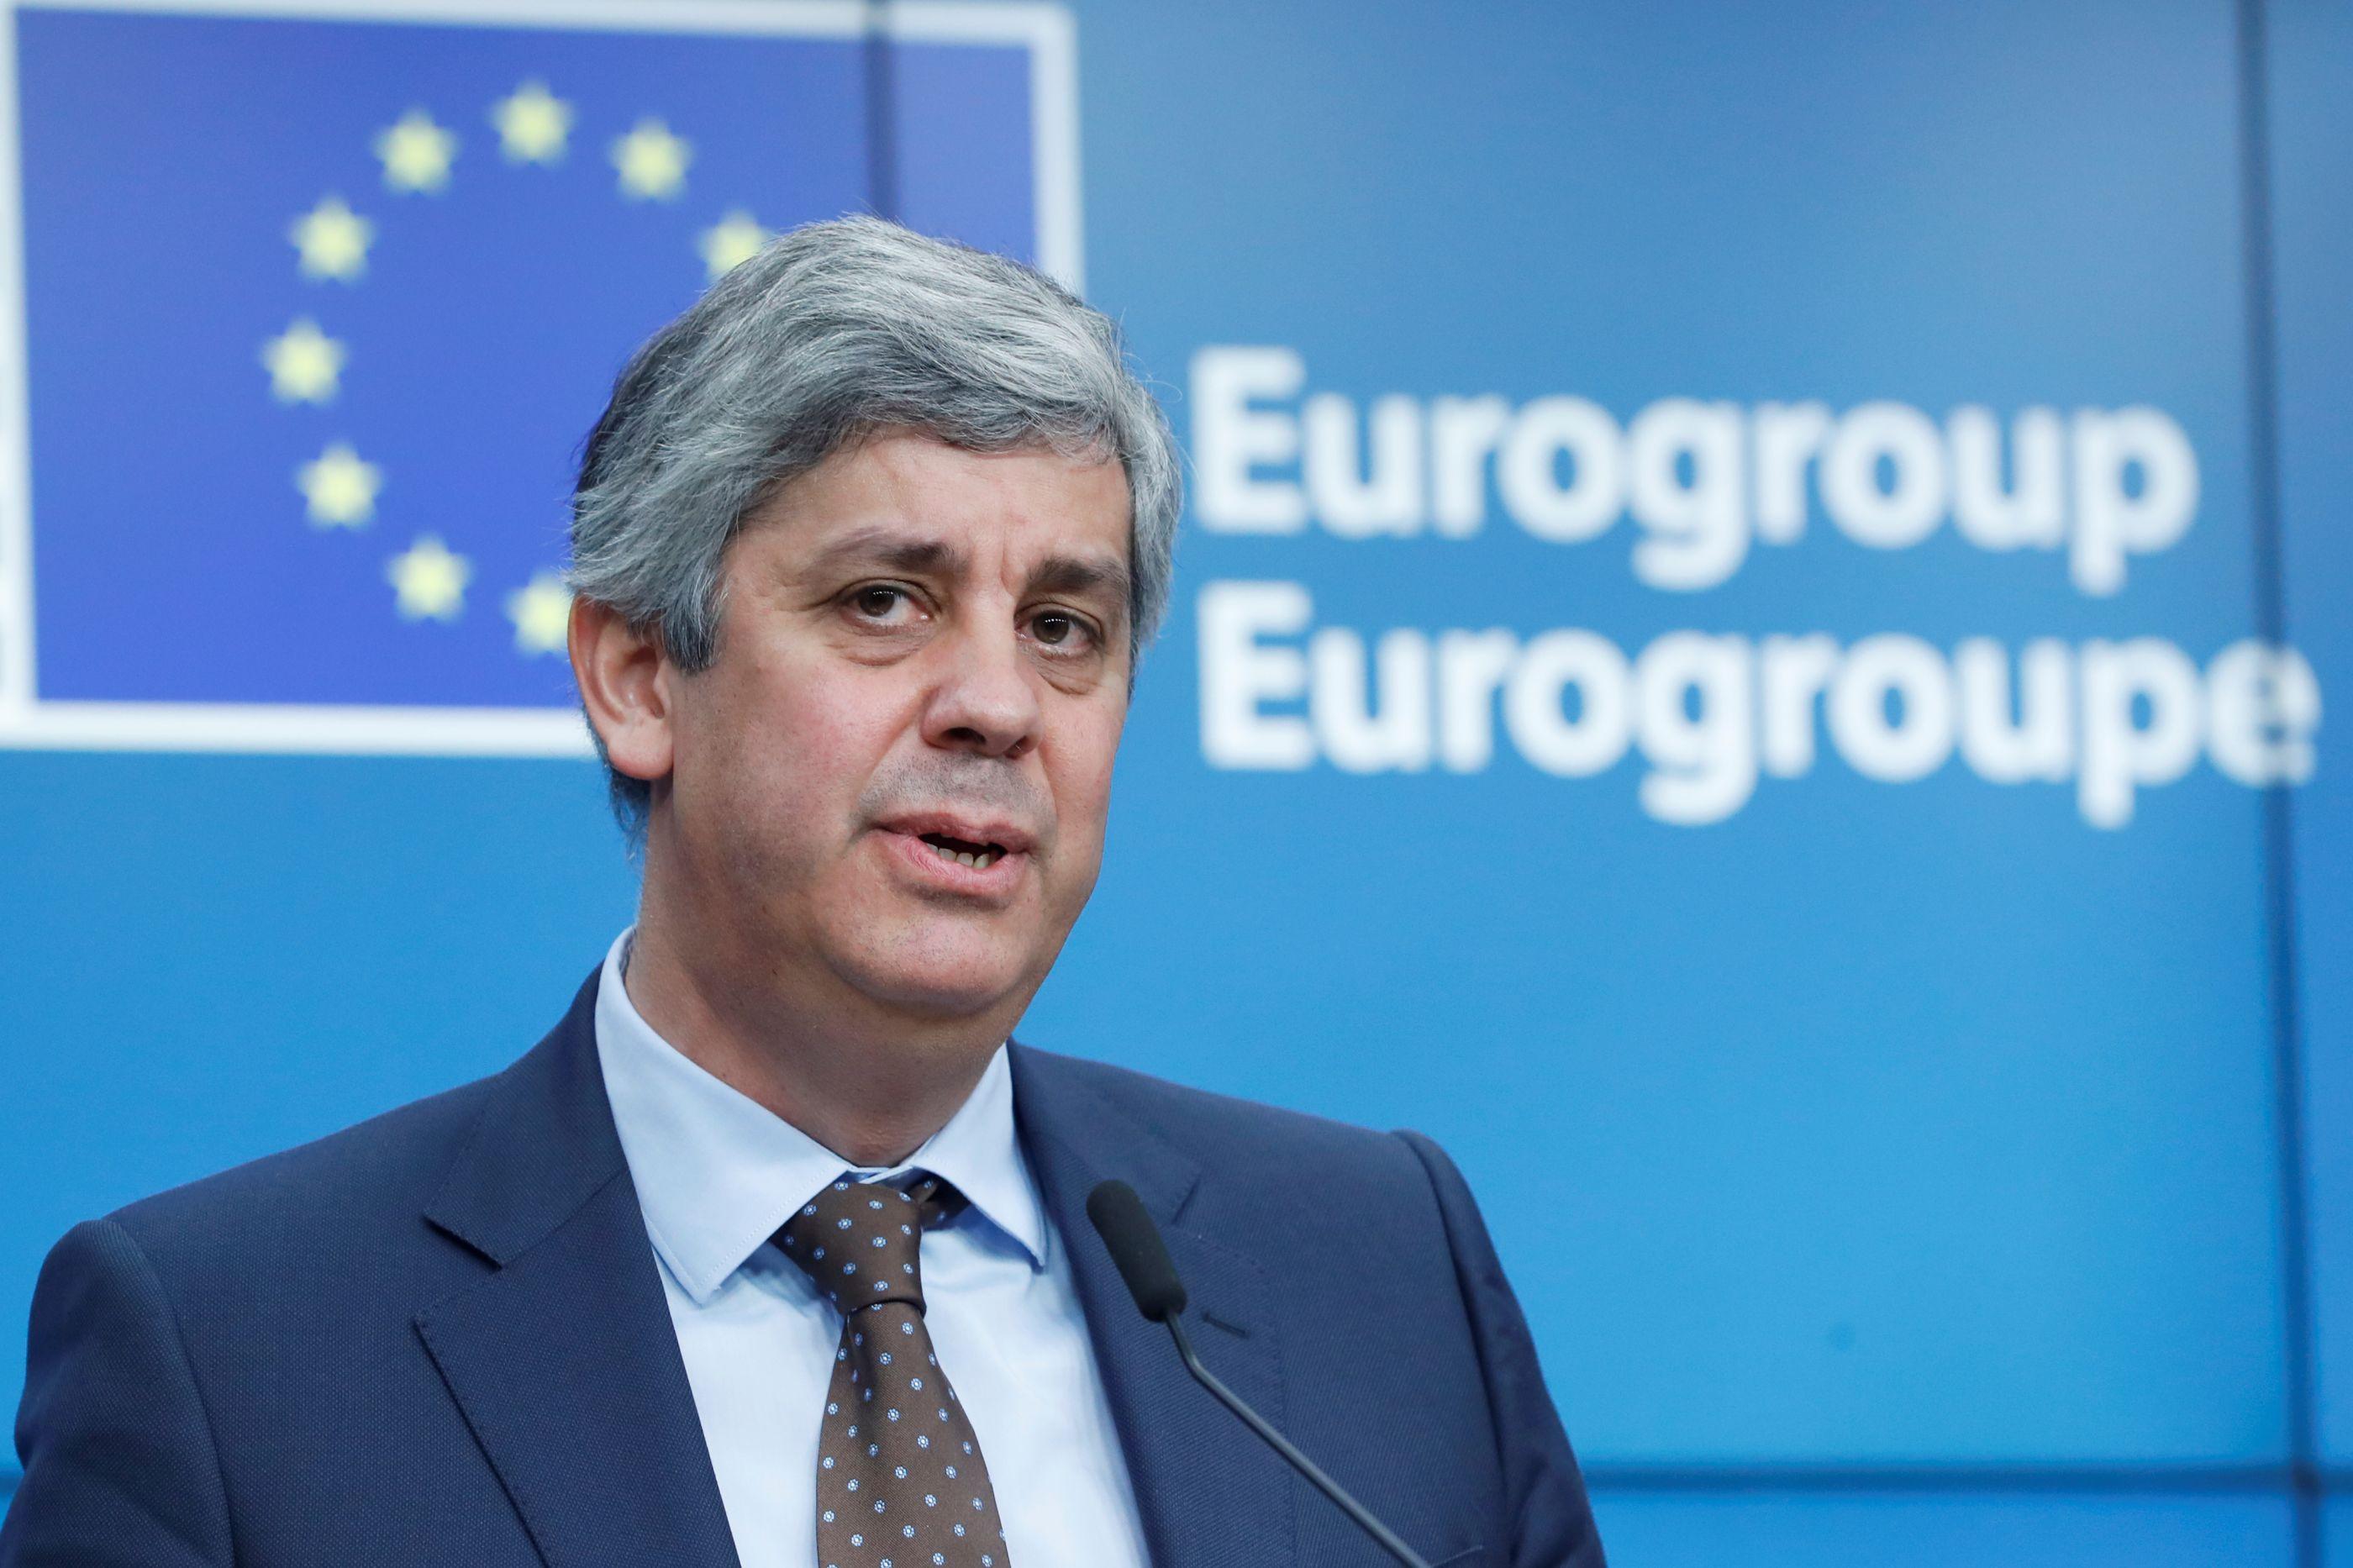 'Centeno patrão, Centeno costureiro'? O que se diz do alerta do Eurogrupo